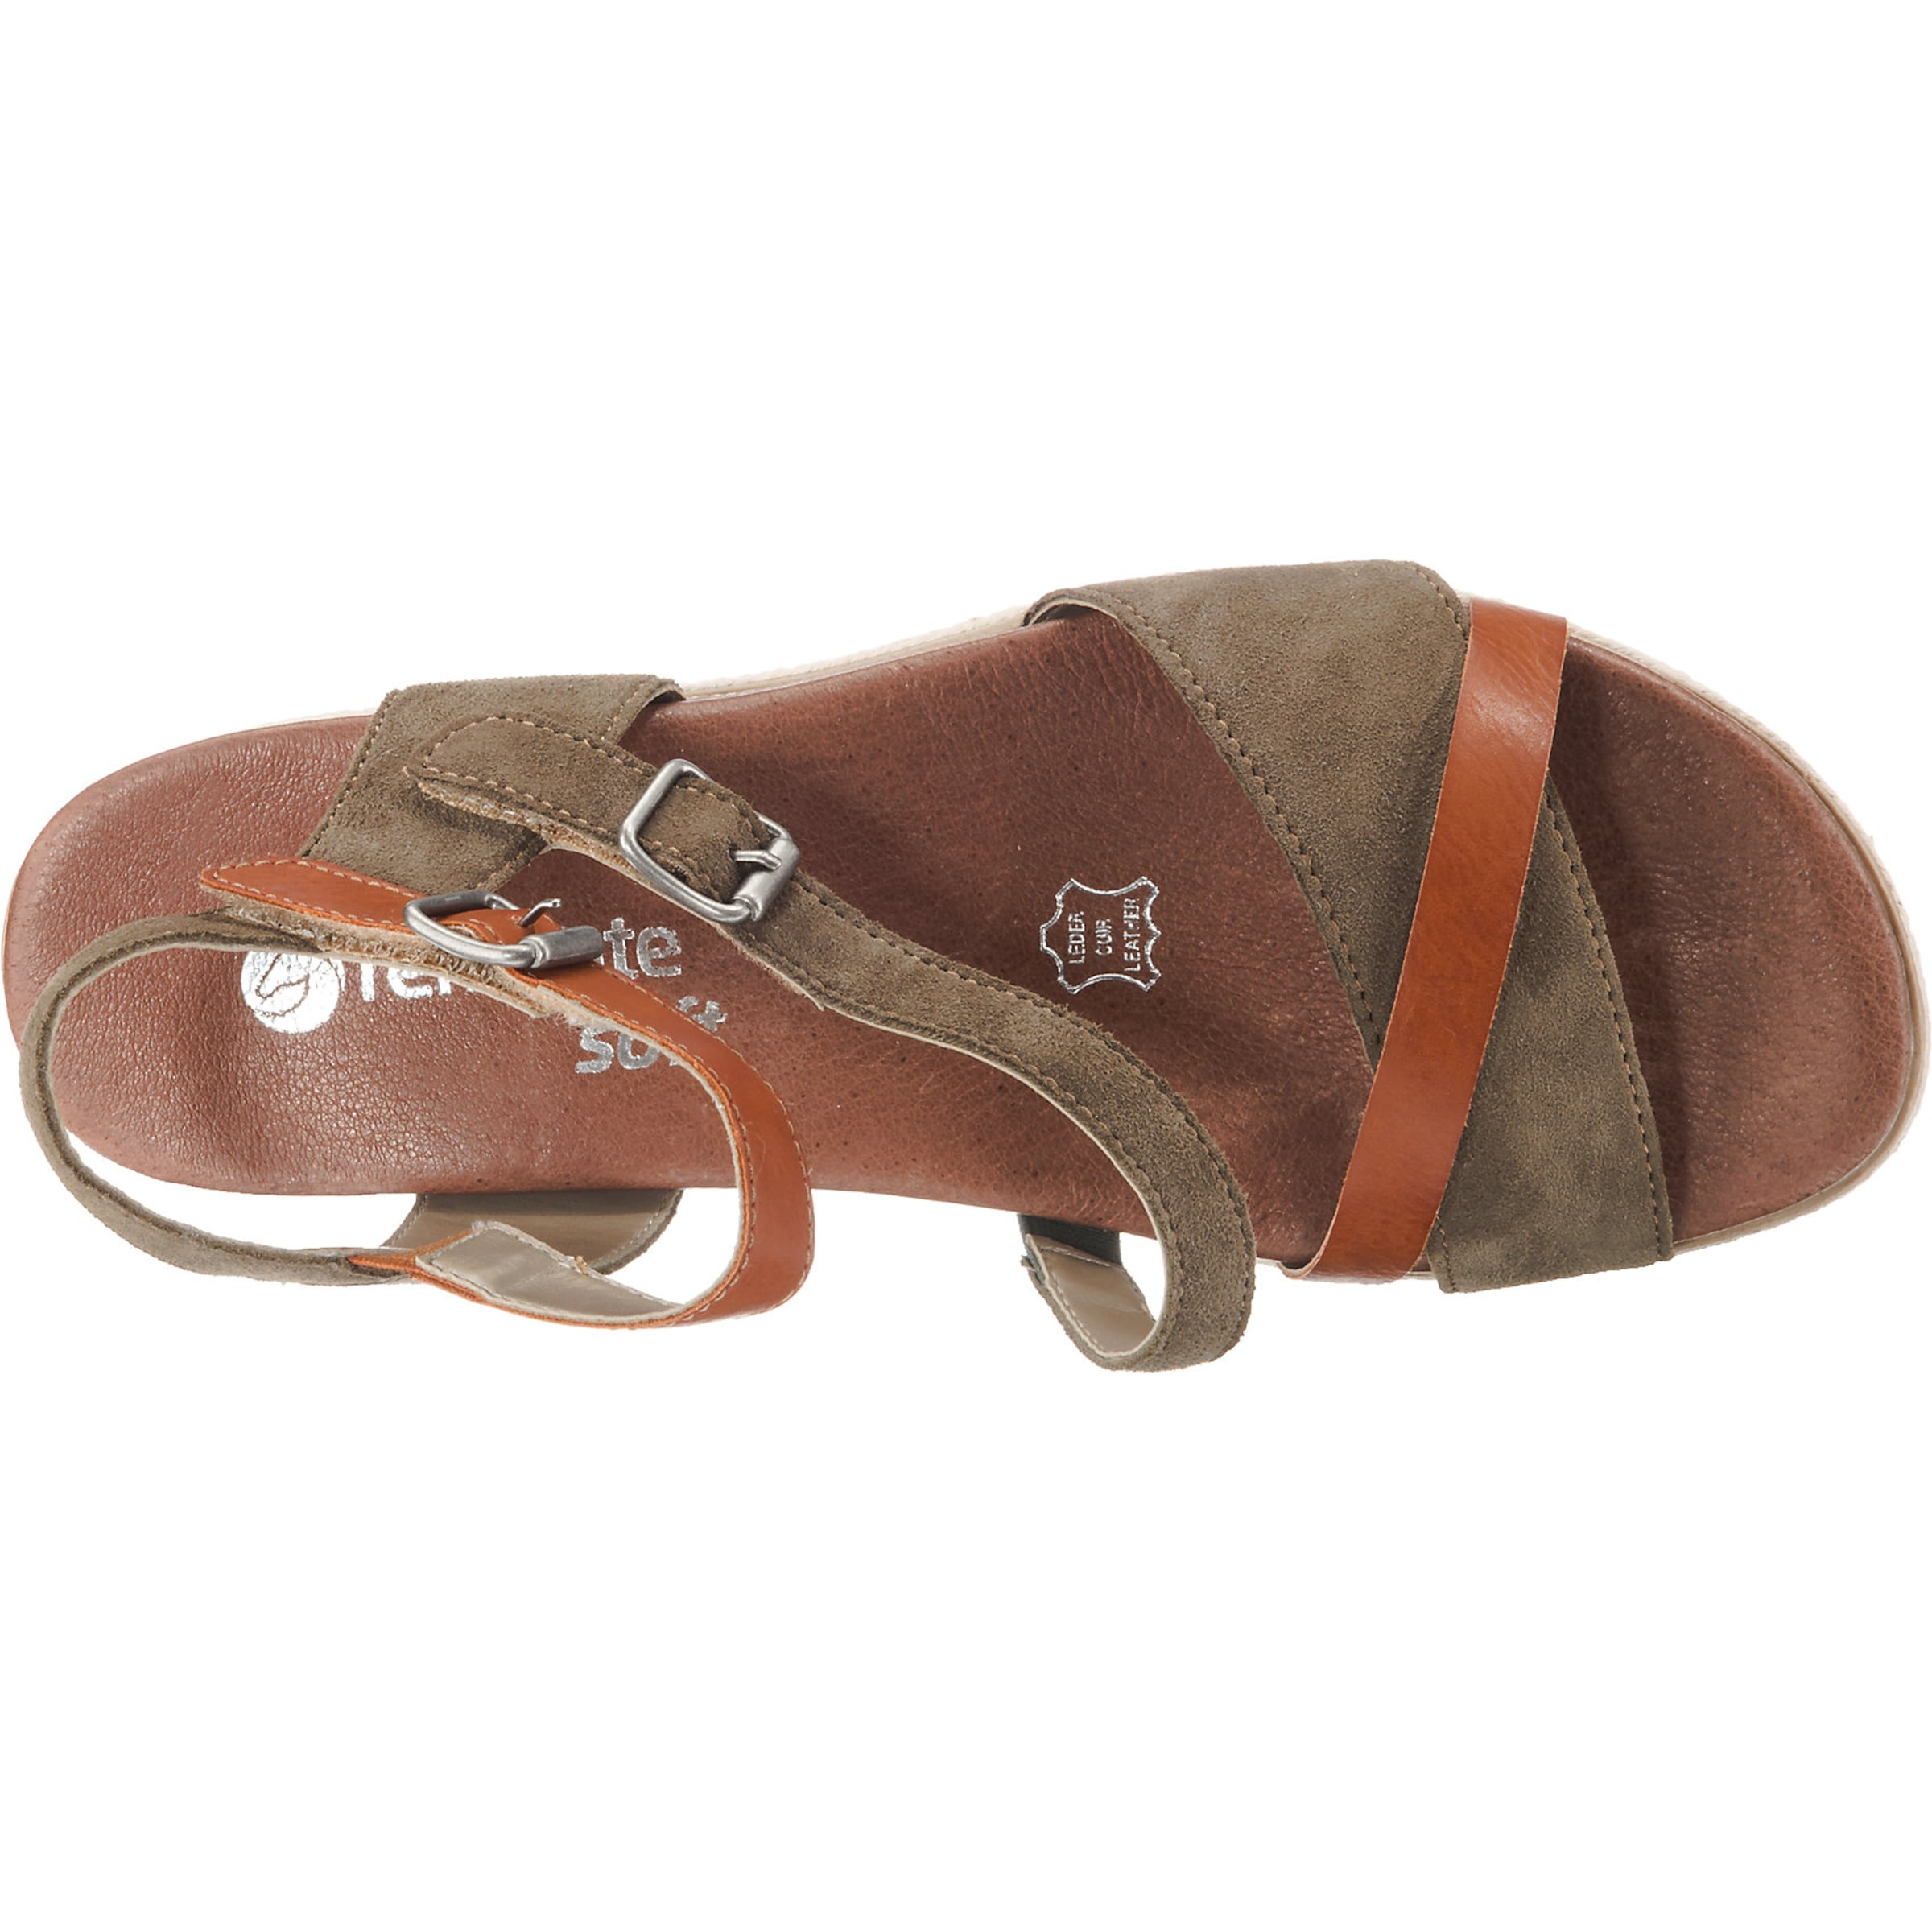 Sandaletten In CognacMokka Sandaletten CognacMokka Remonte Sandaletten In Remonte Remonte Nmnw0v8O